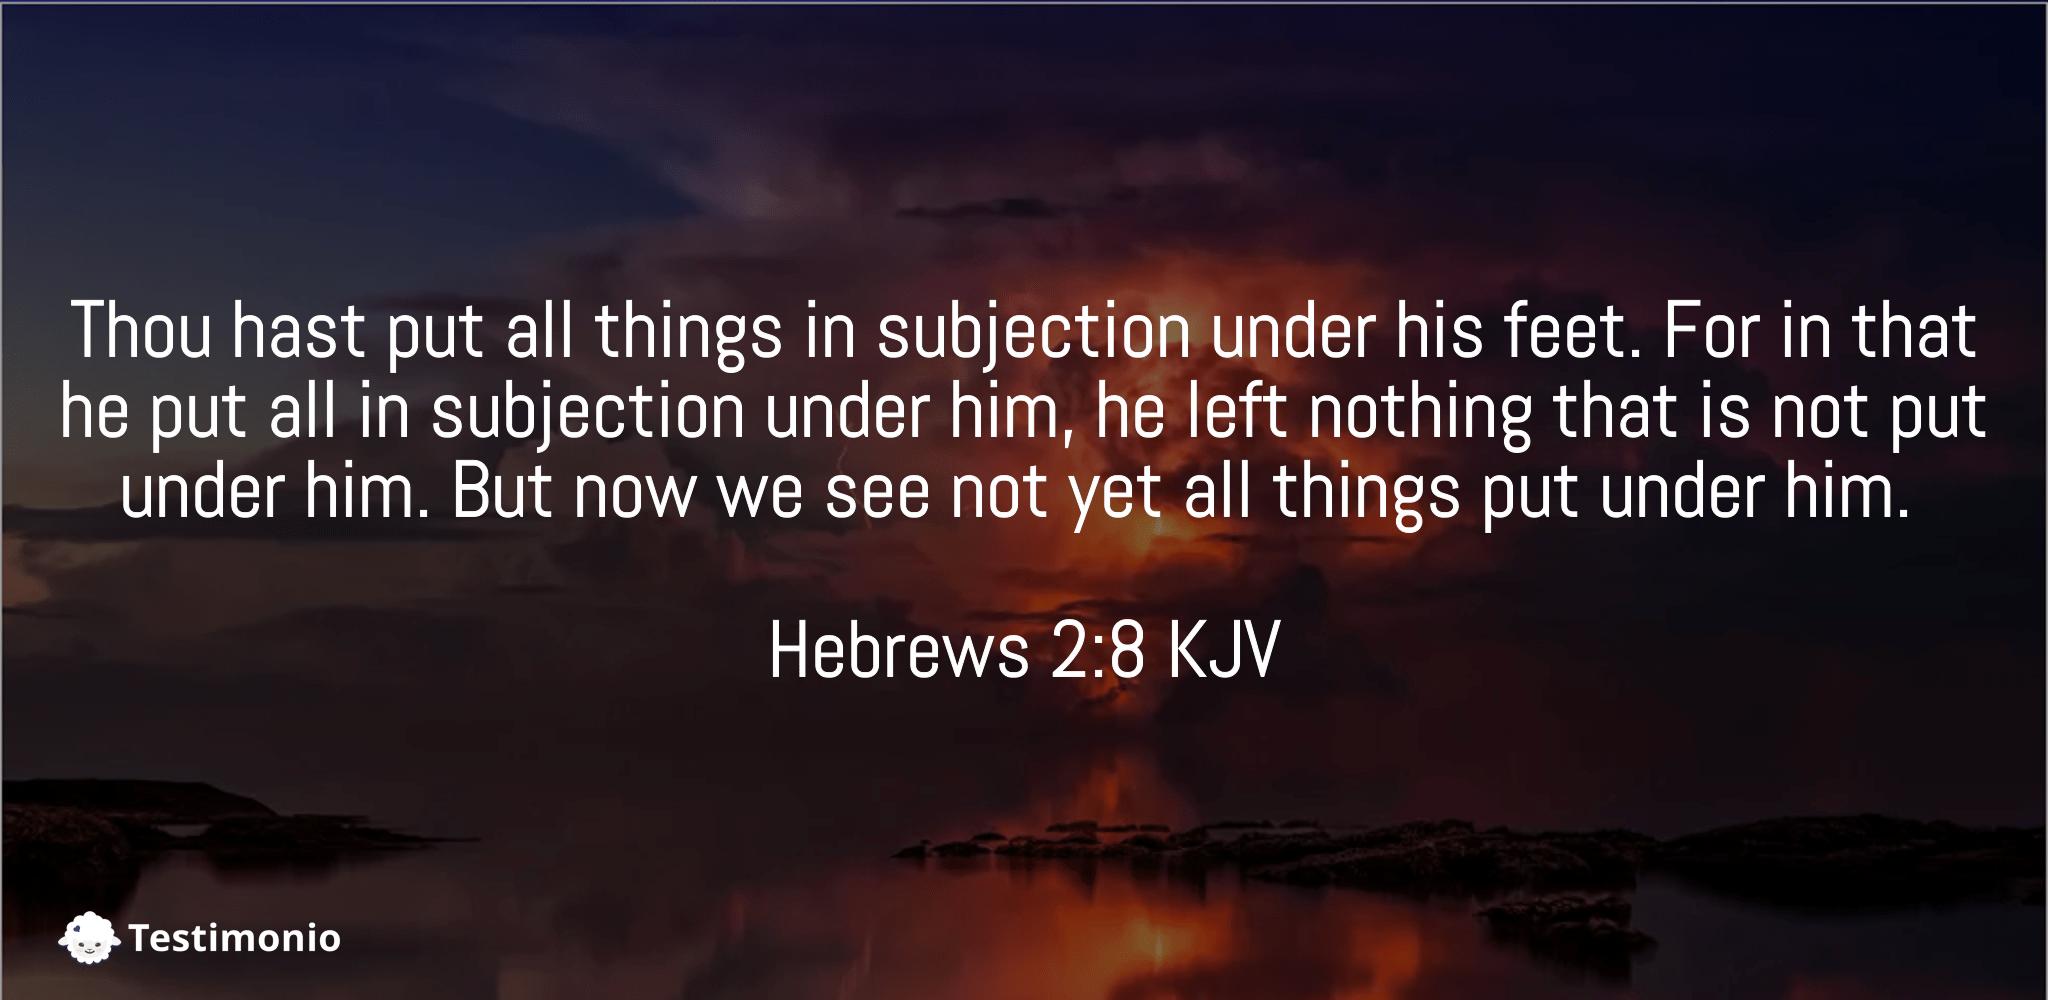 Hebrews 2:8